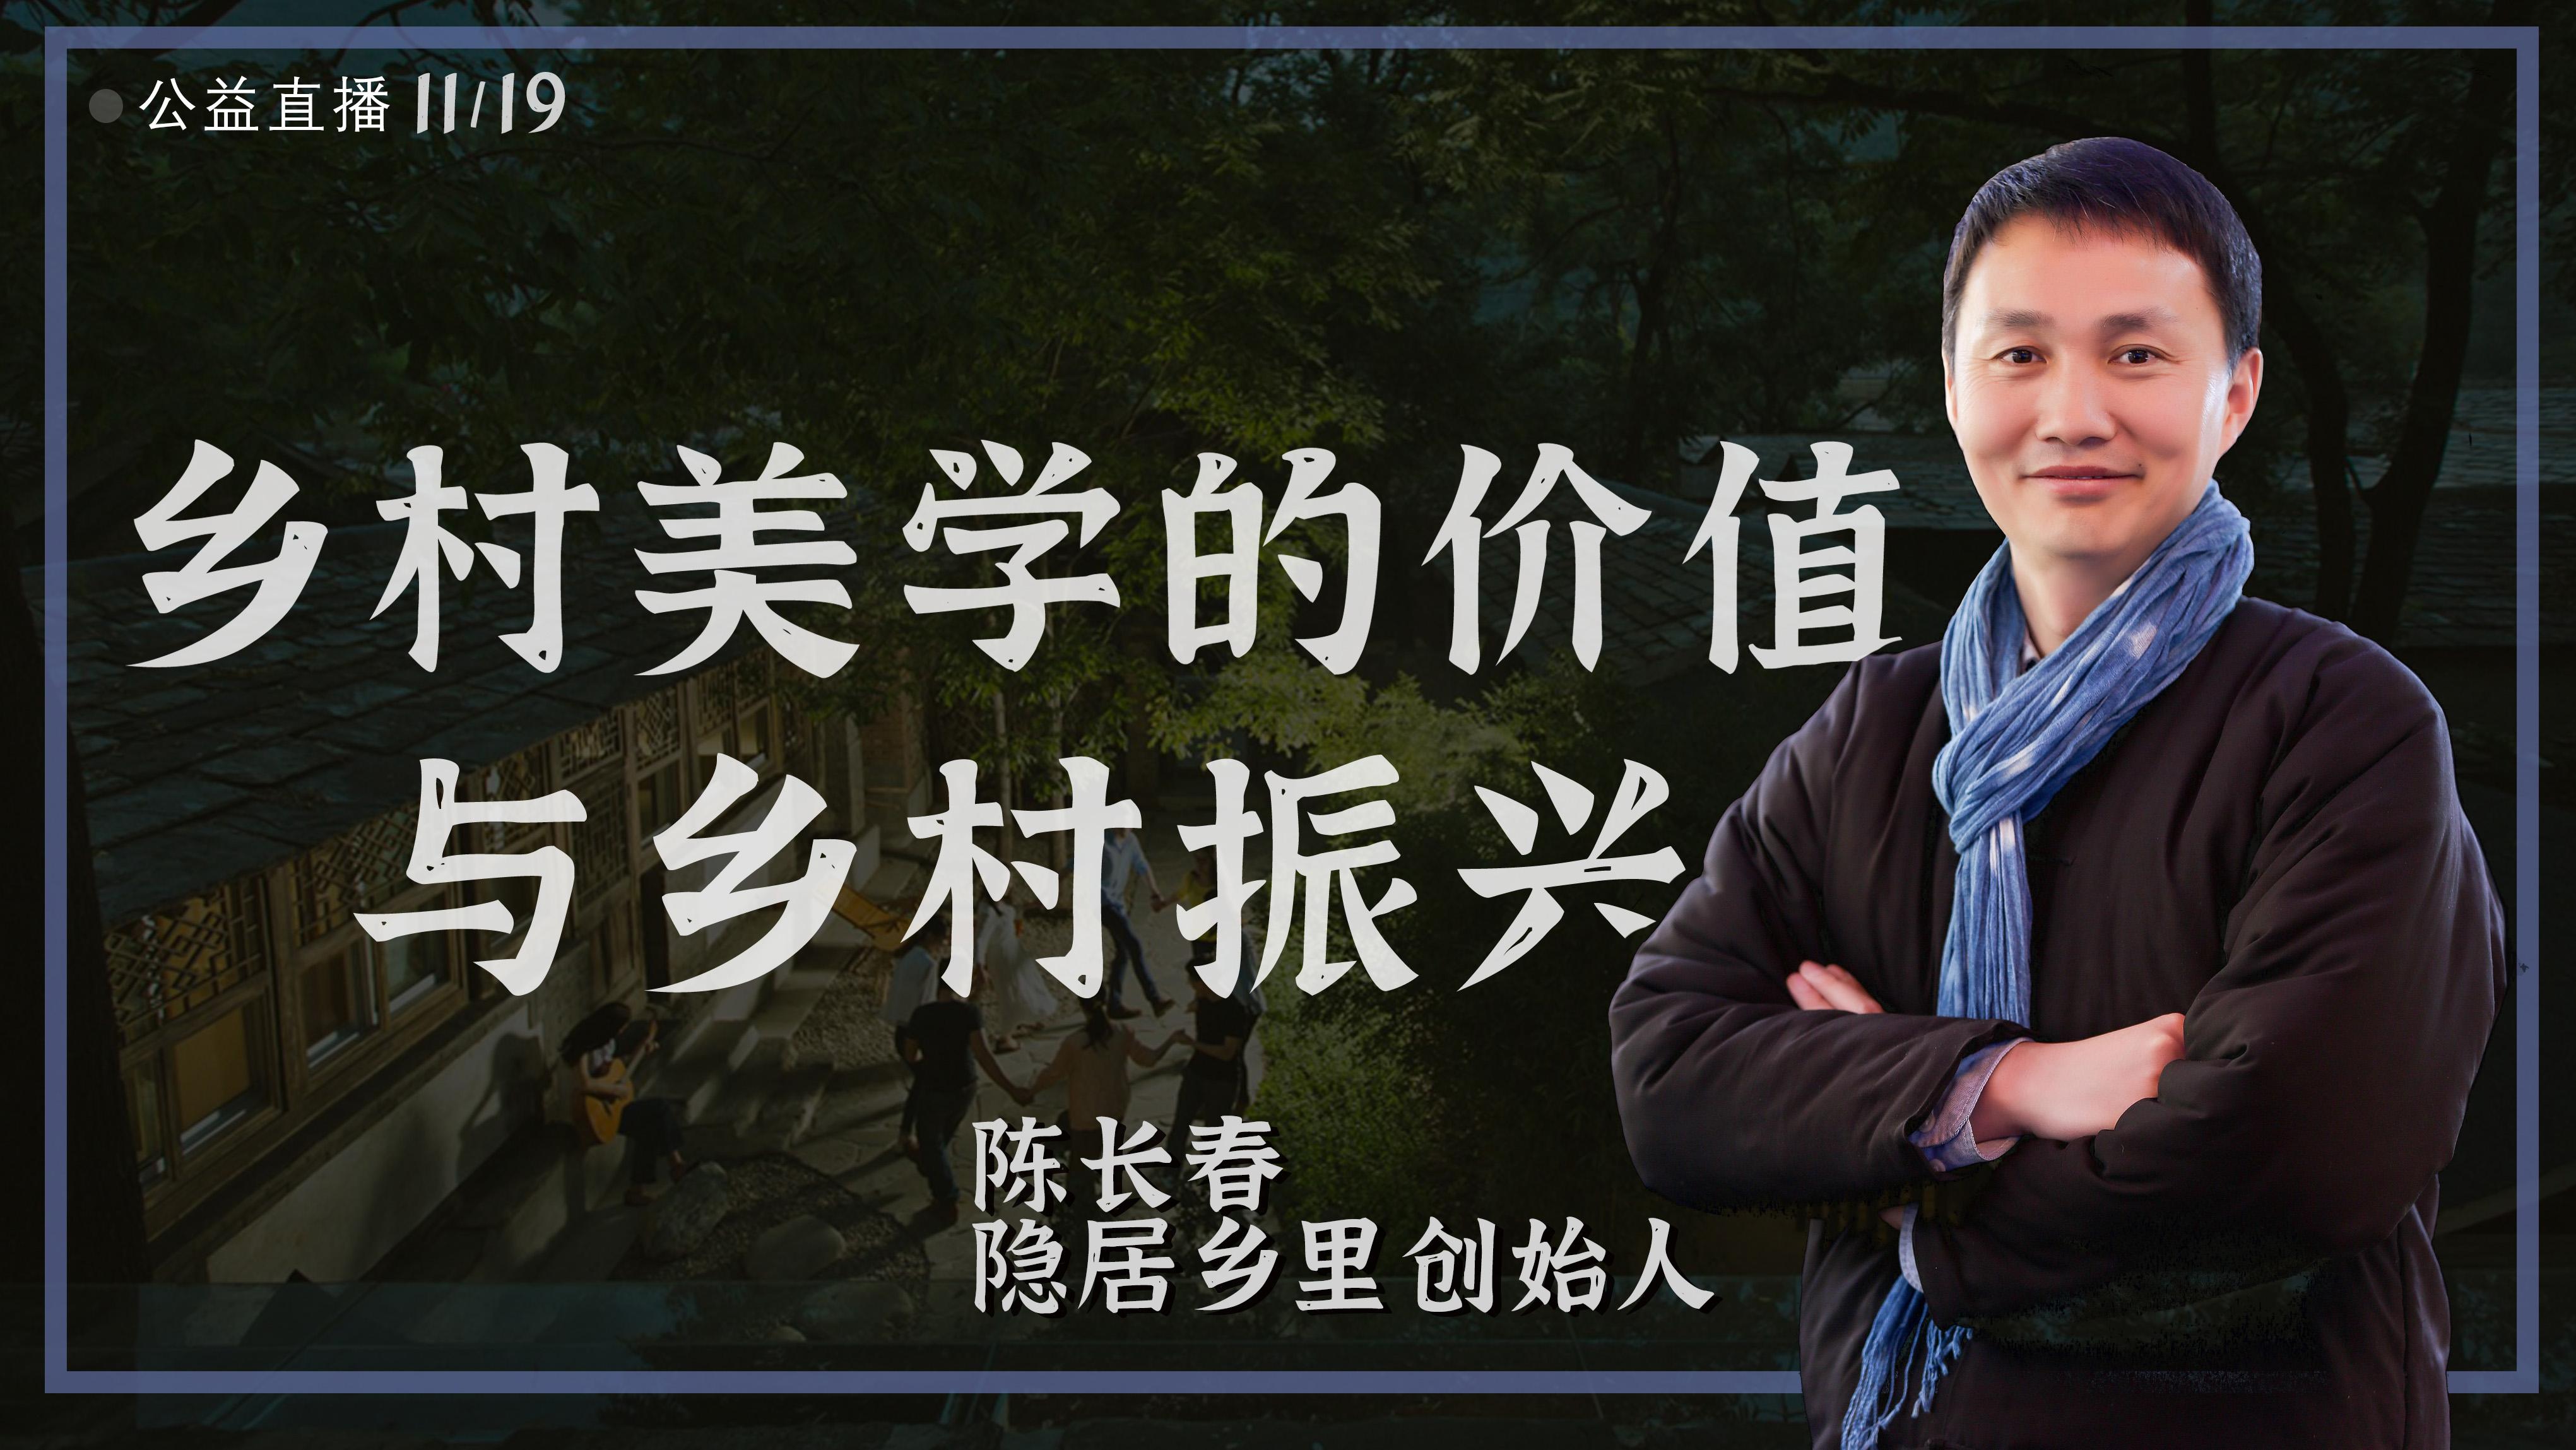 《乡村美学的价值与乡村振兴》陈长春老师公益直播